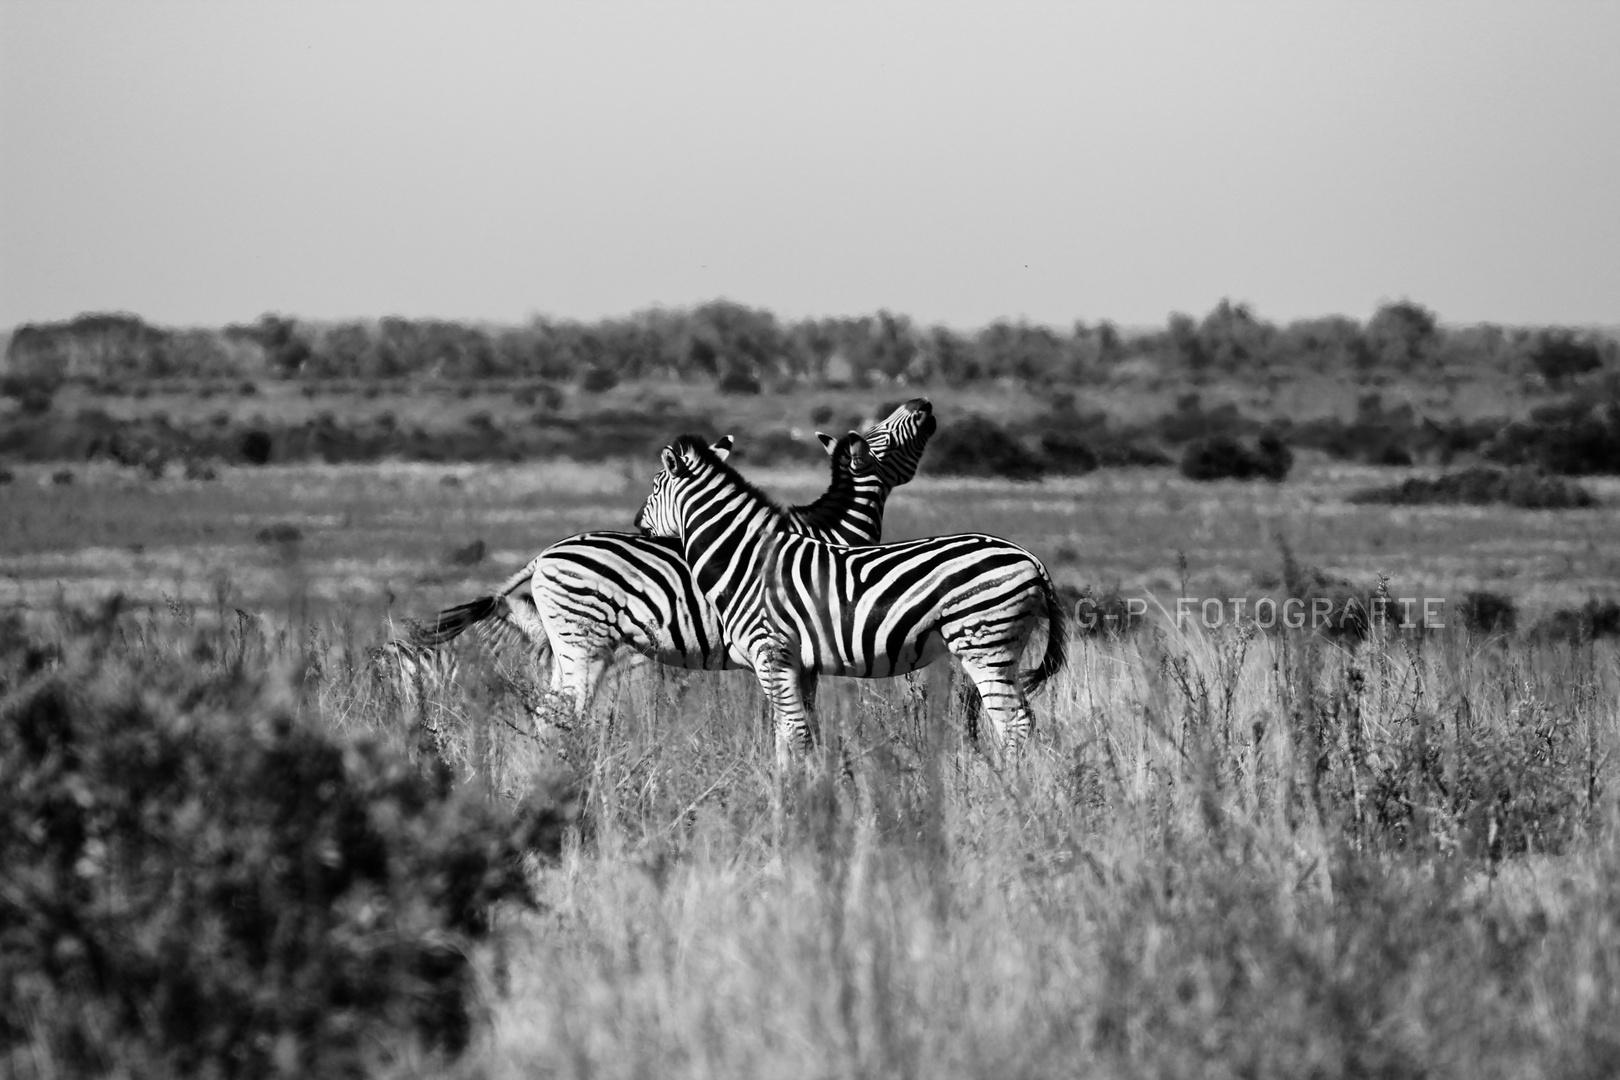 Tierisch verliebt | Addo NP; Südafrika | Zebra